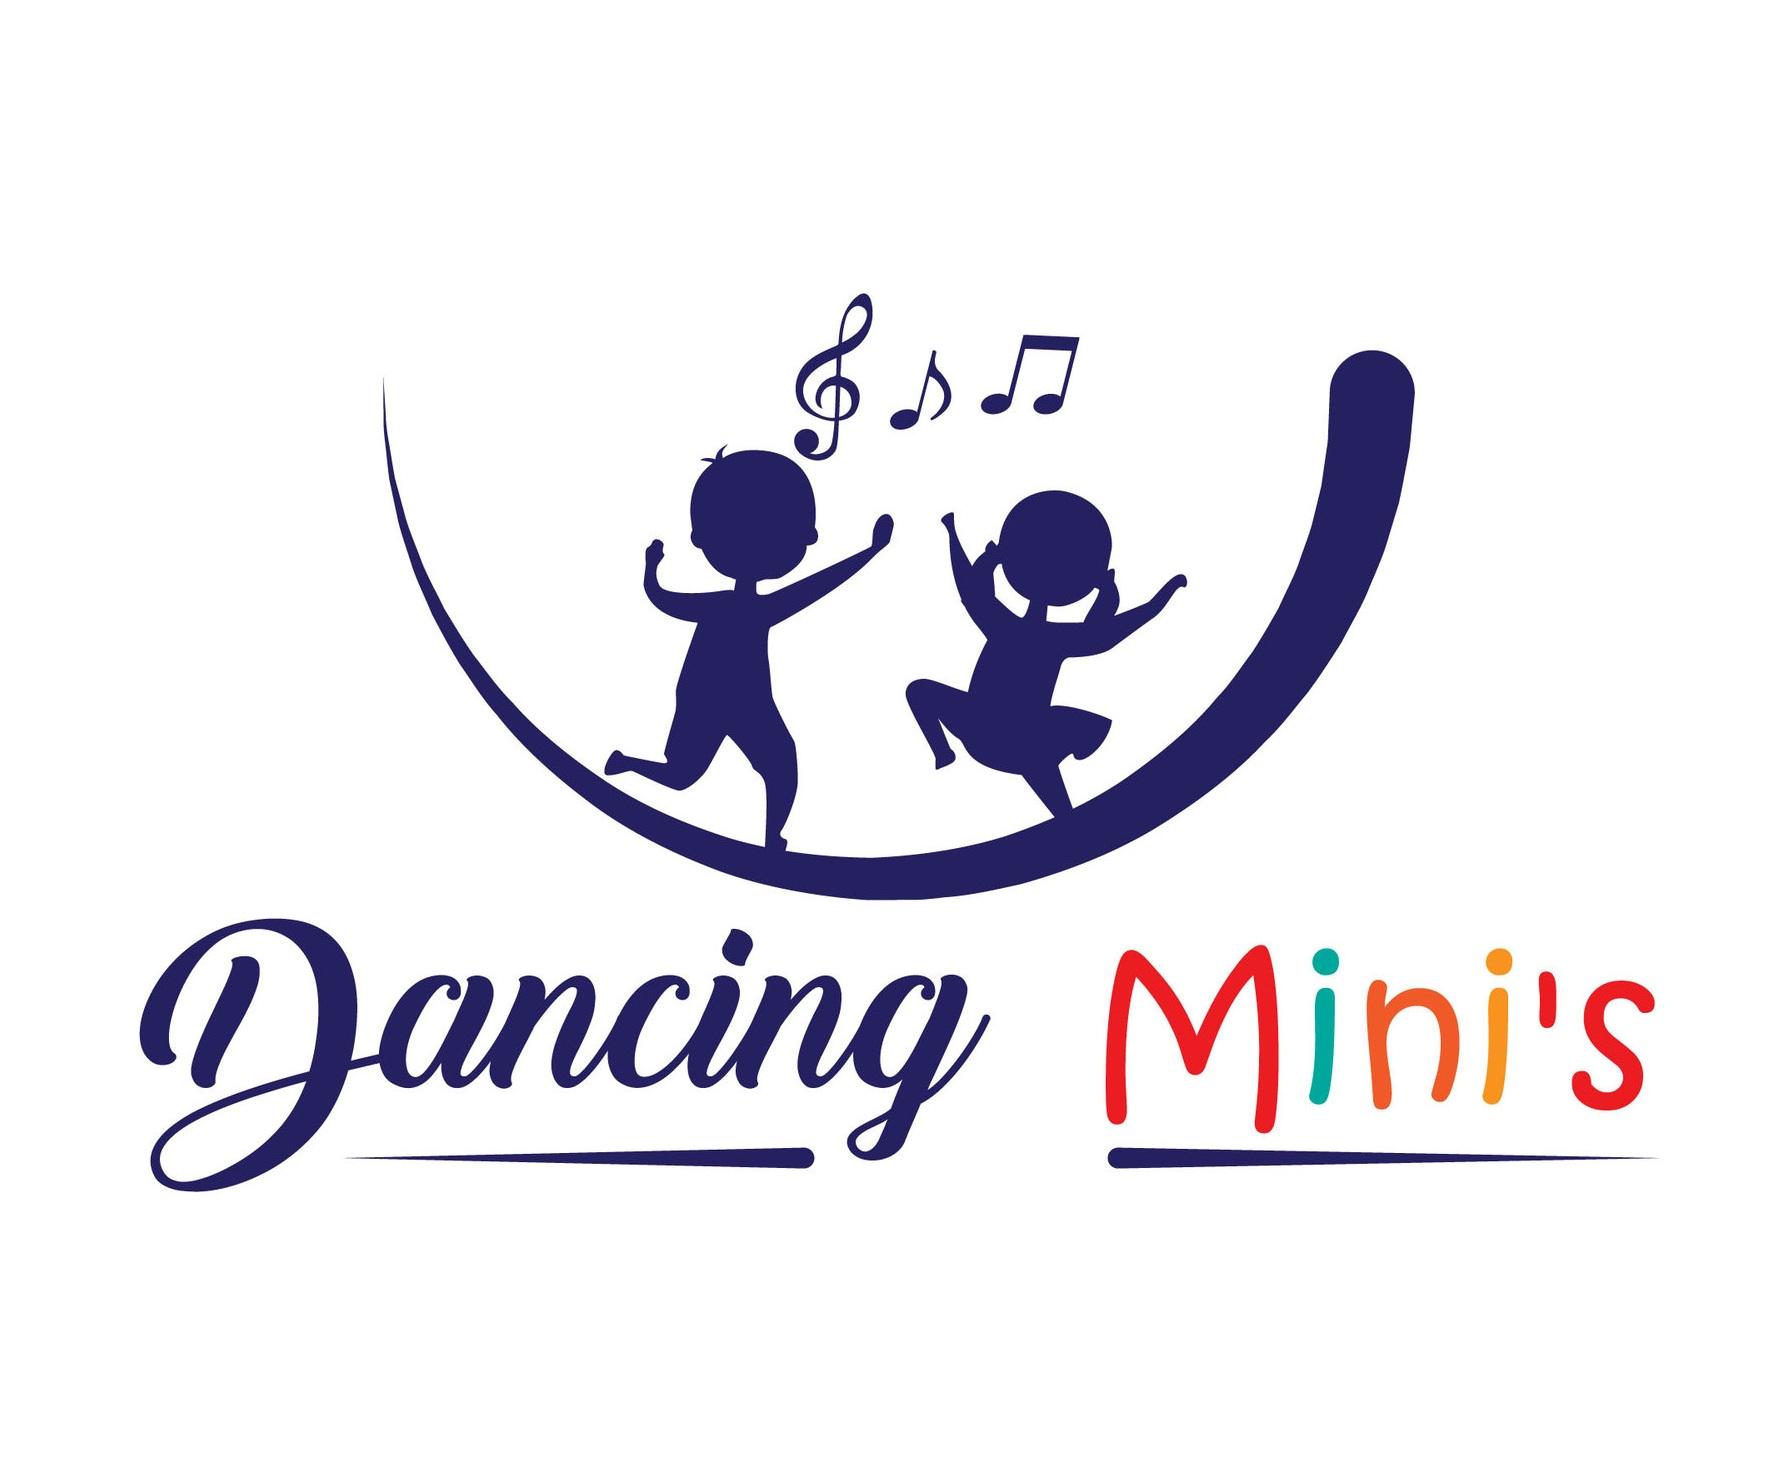 Approved+Logo+Daning+Minis.jpg